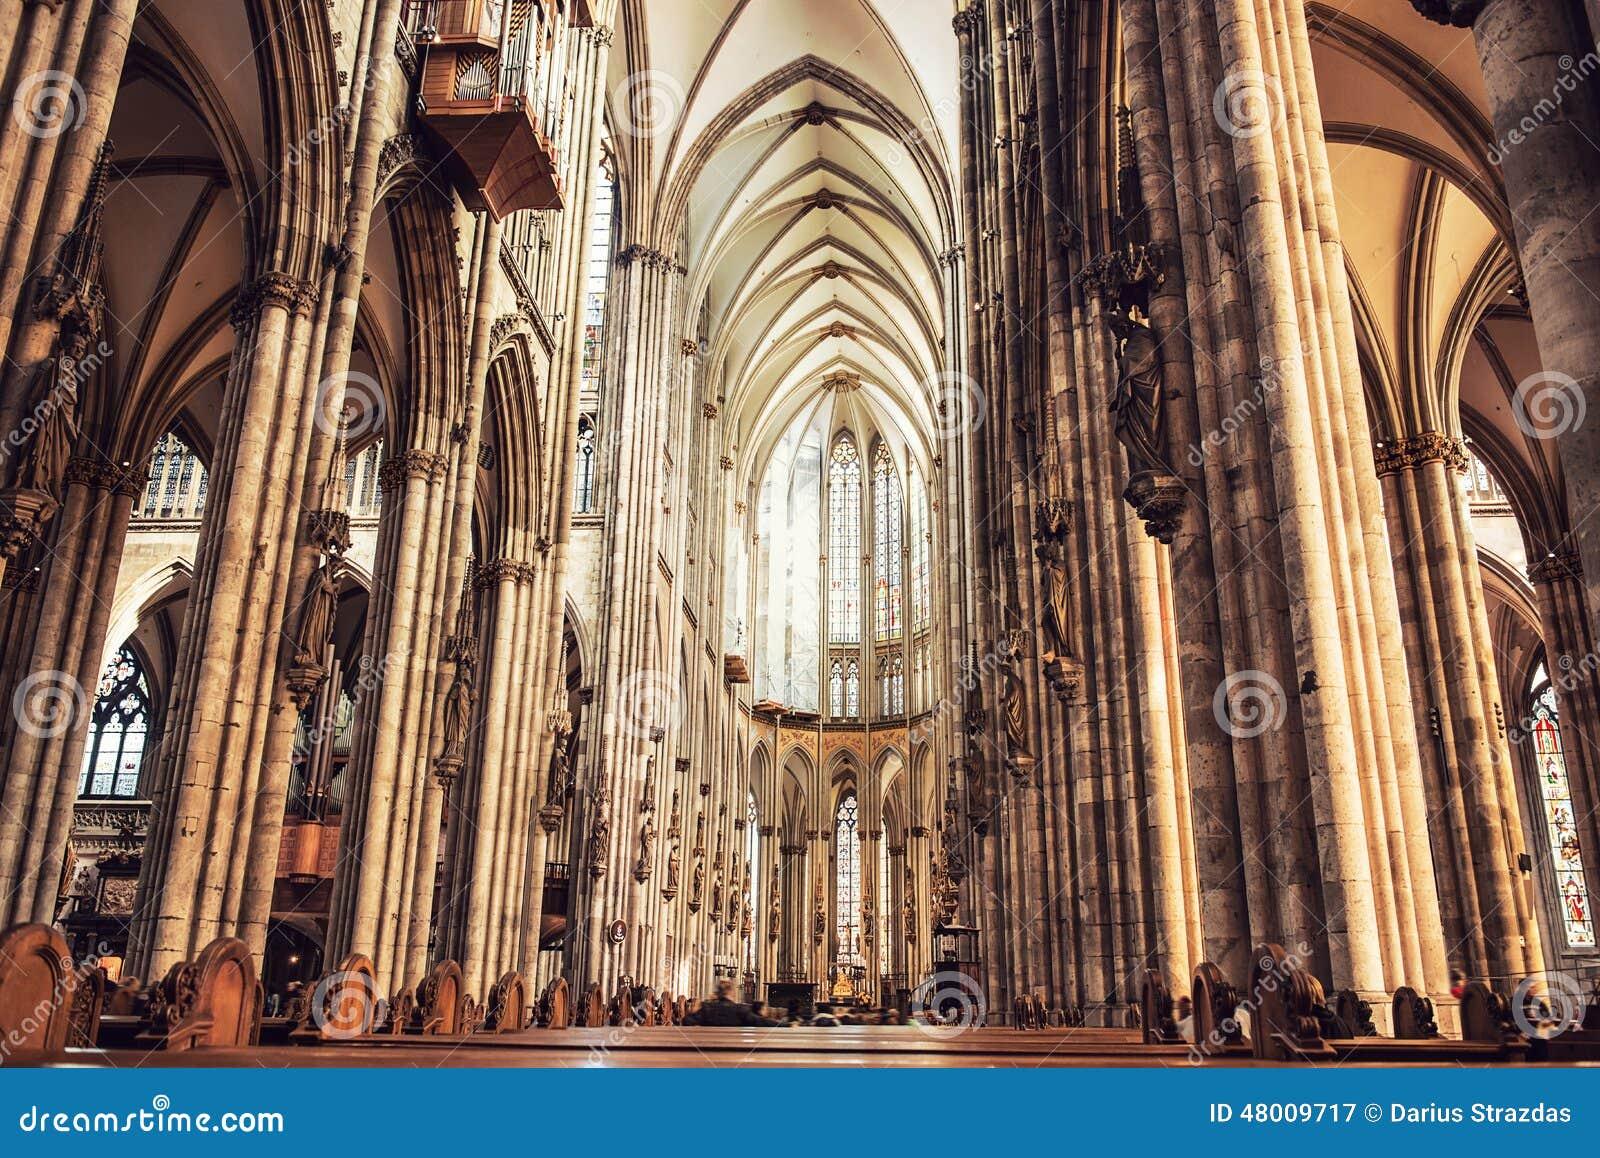 Interior de la catedral de colonia imagen de archivo imagen de arco edificio 48009717 - Foto foto interior ...